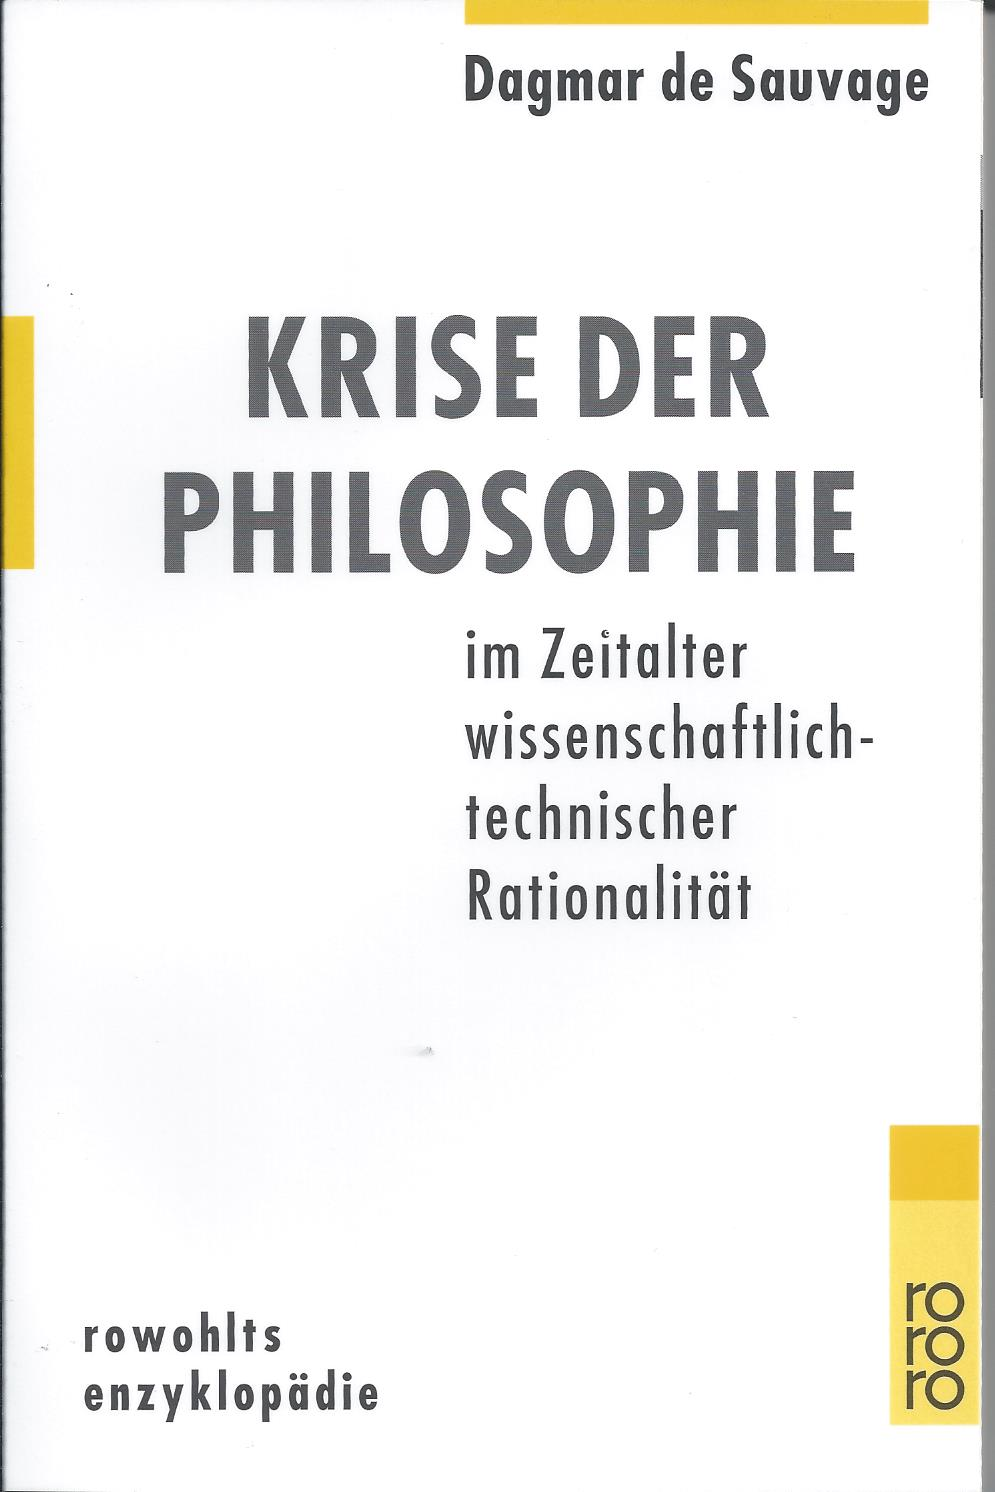 KriseDerPhilosophie